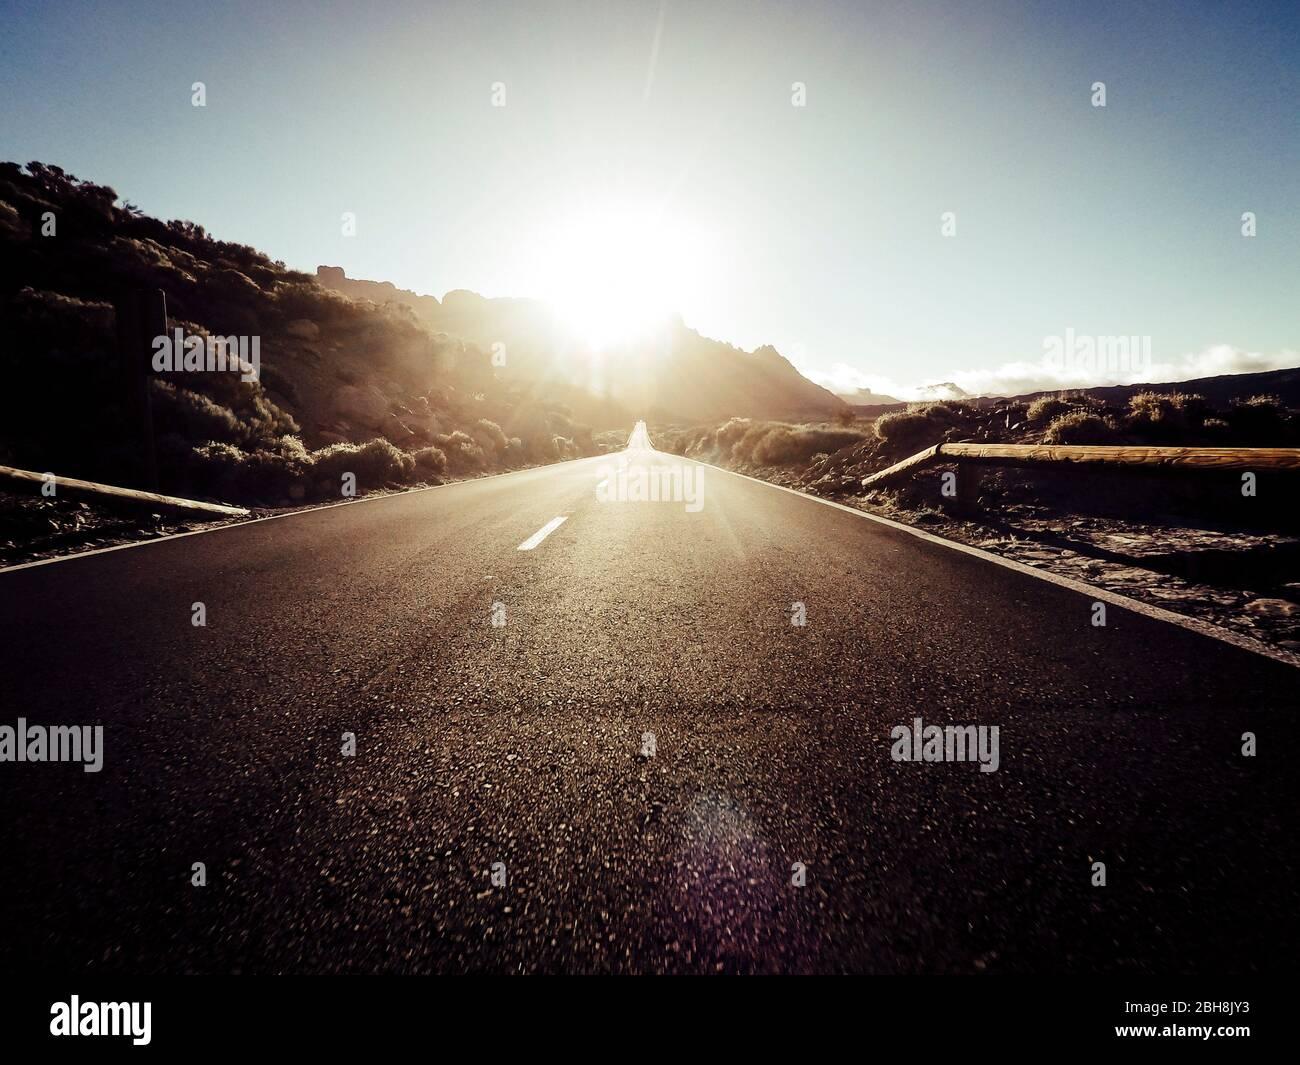 Camino largo en la montaña con sol en frente y efecto de luz solar - punto de vista del suelo con asfalto negro y líneas blancas - conducción y concepto de viaje Foto de stock